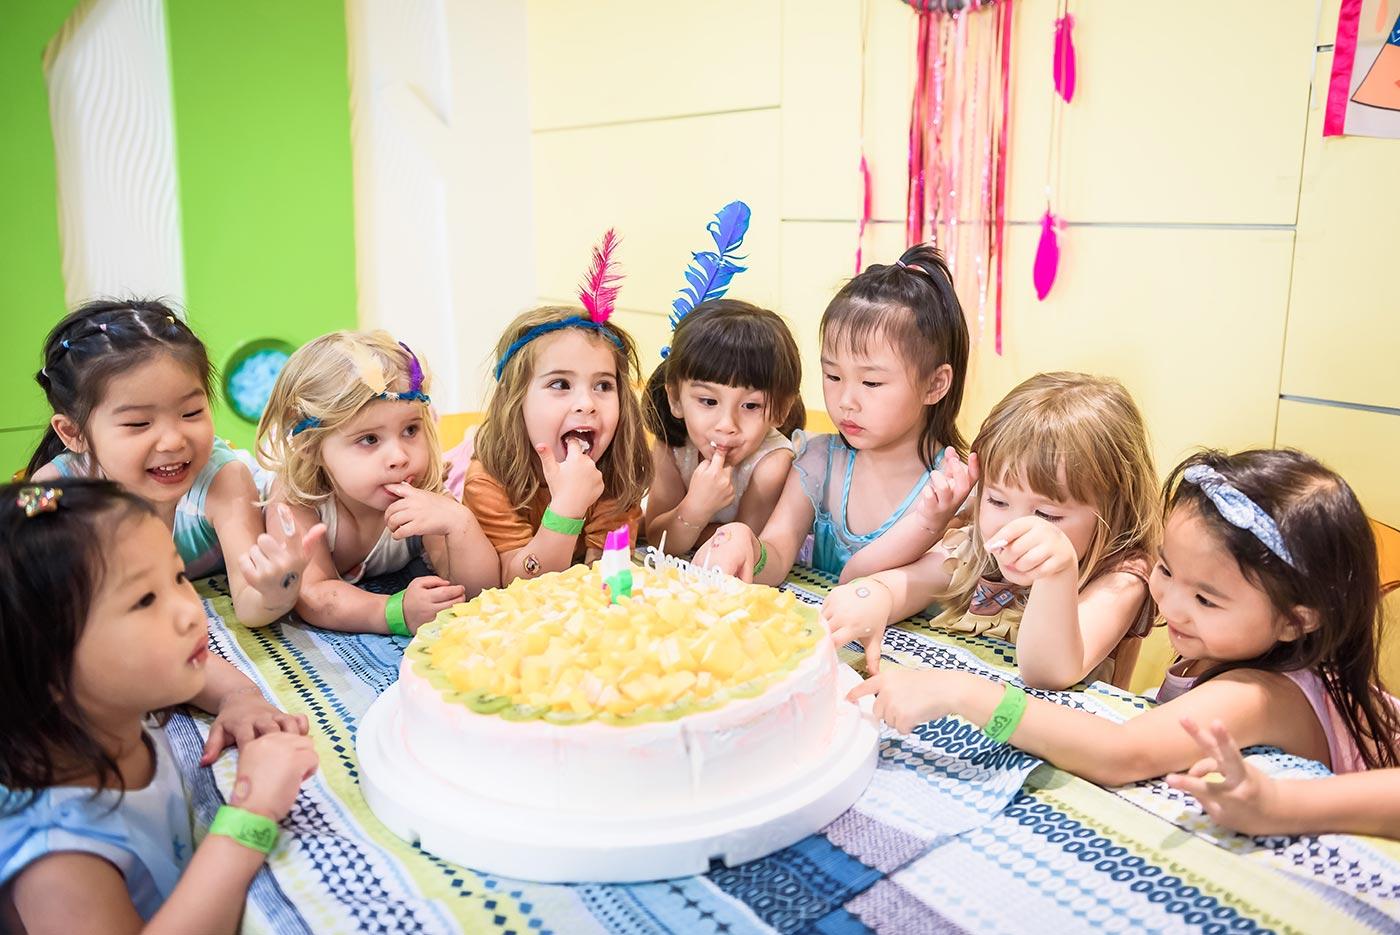 樂幼屋生日派對攝影 樂幼屋親子派對歡樂園 Birthday Party Leo's Playland